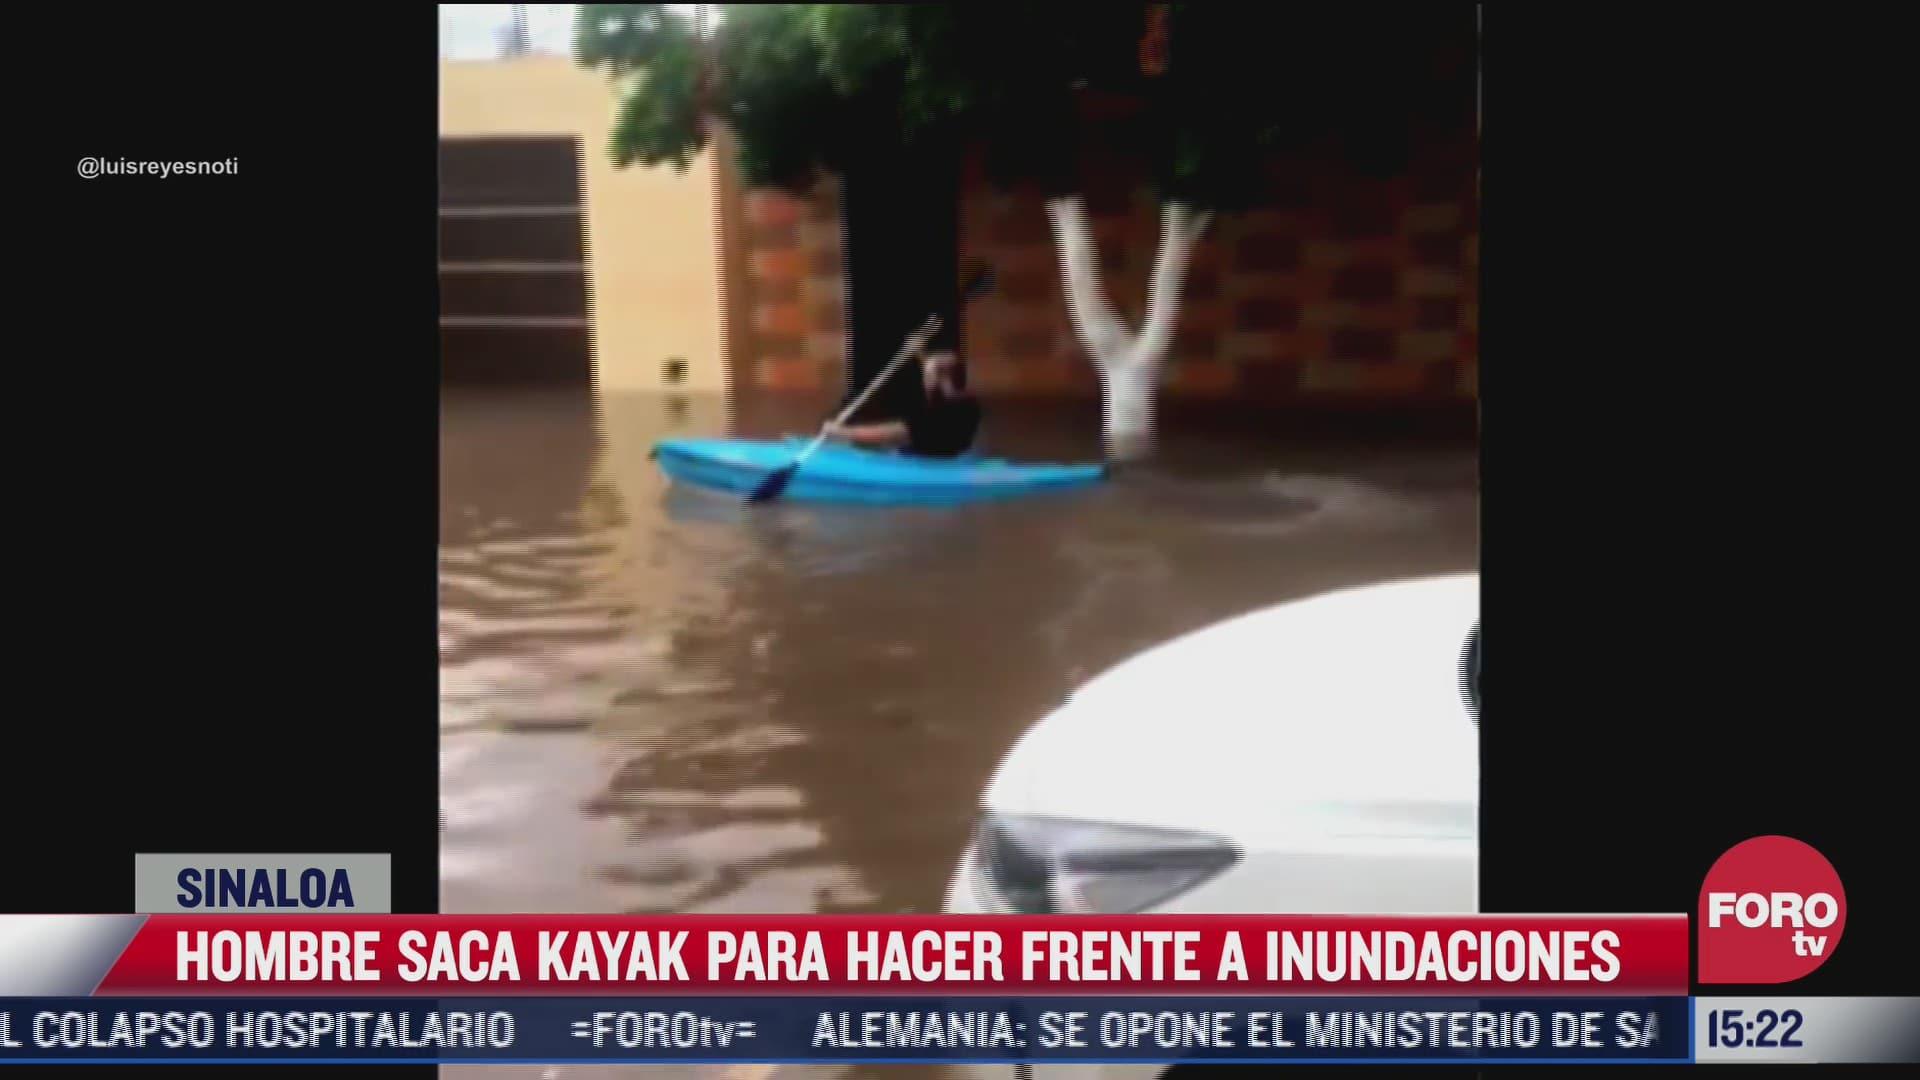 joven en kayak ayuda a apersonas varadas en inundaciones en sinaloa